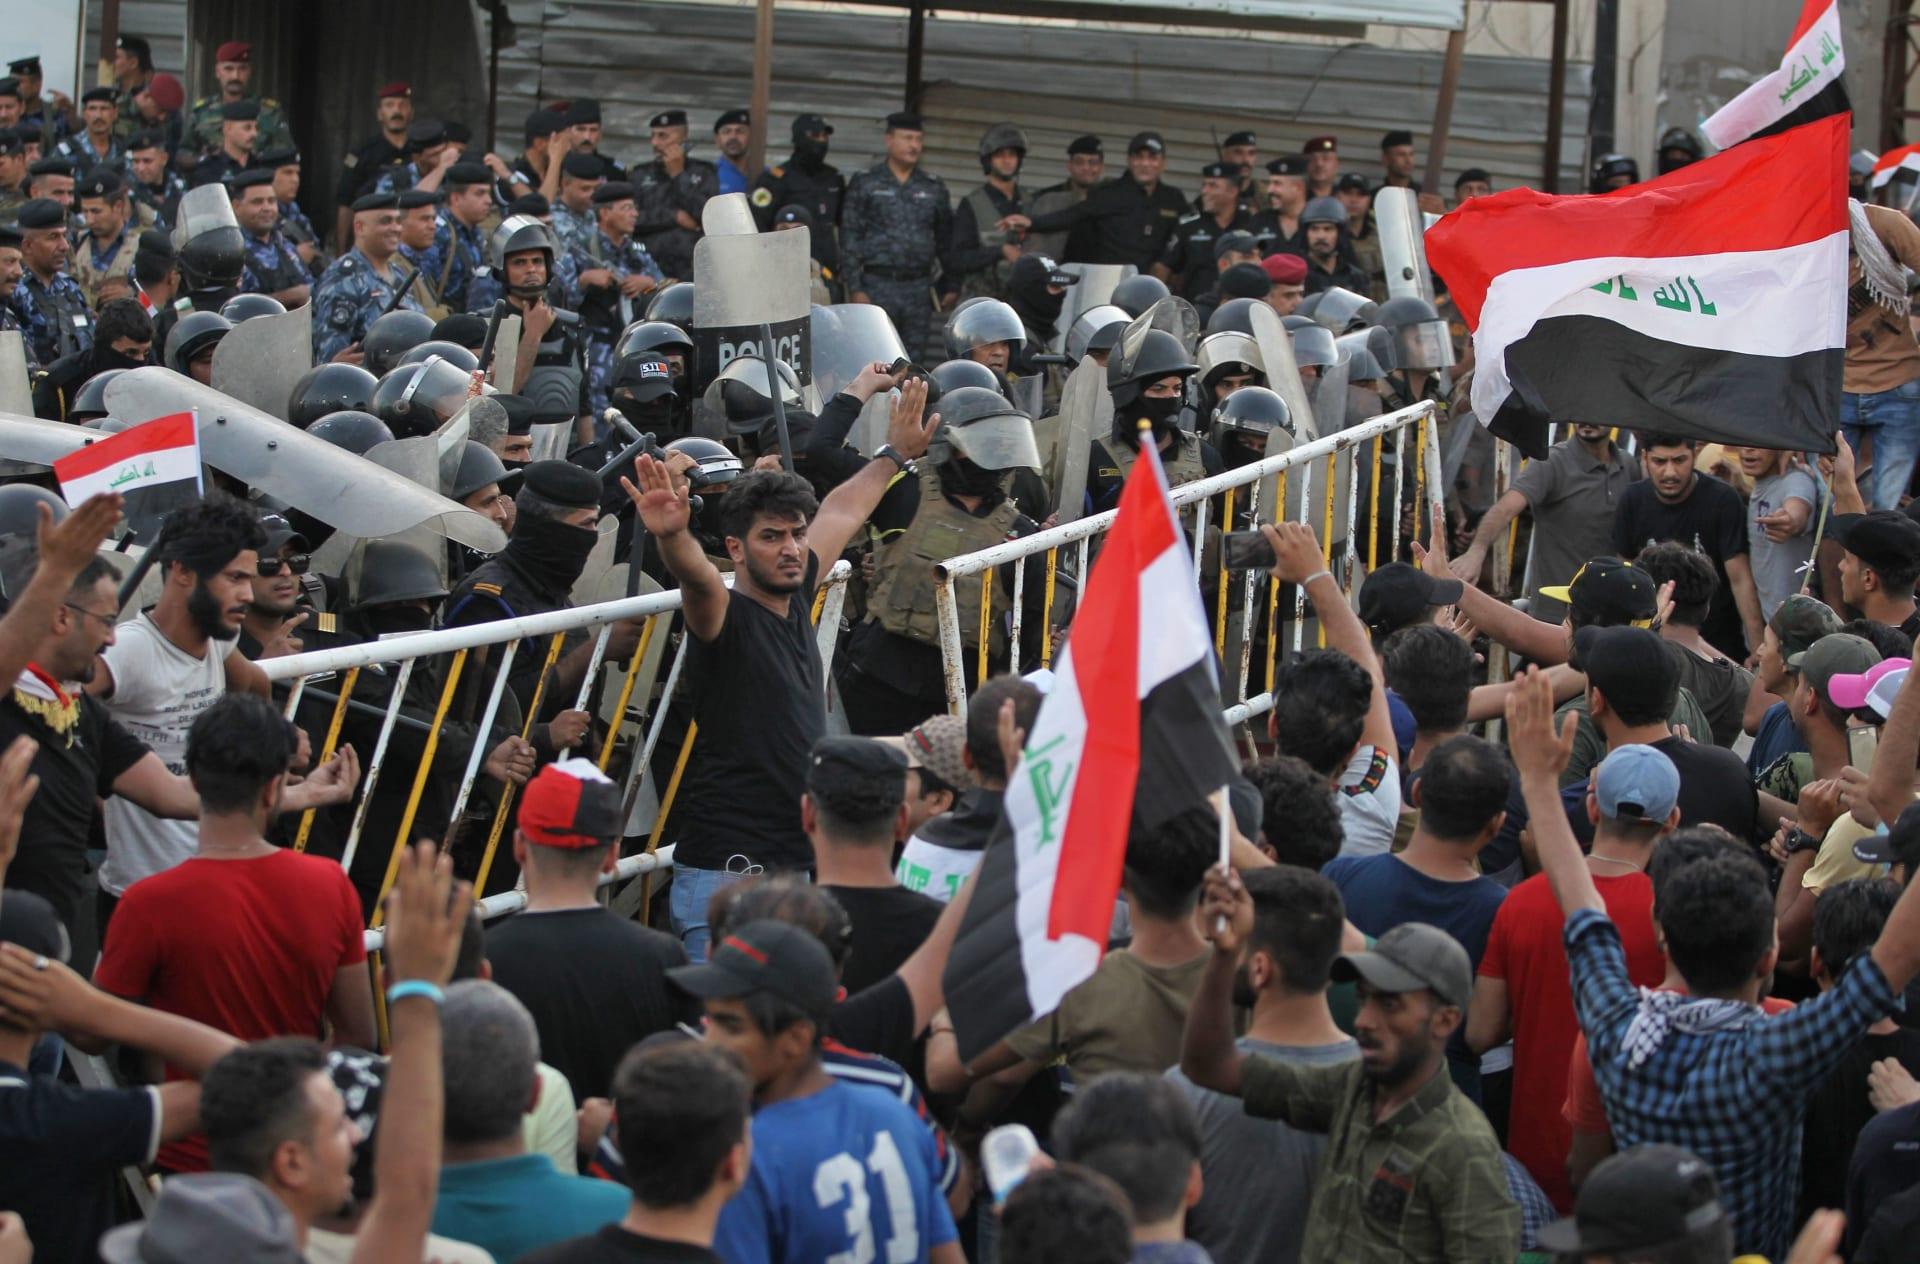 السيستاني يدعم مطالب المتظاهرين.. ويدعو لسرعة تشكيل الحكومة العراقية